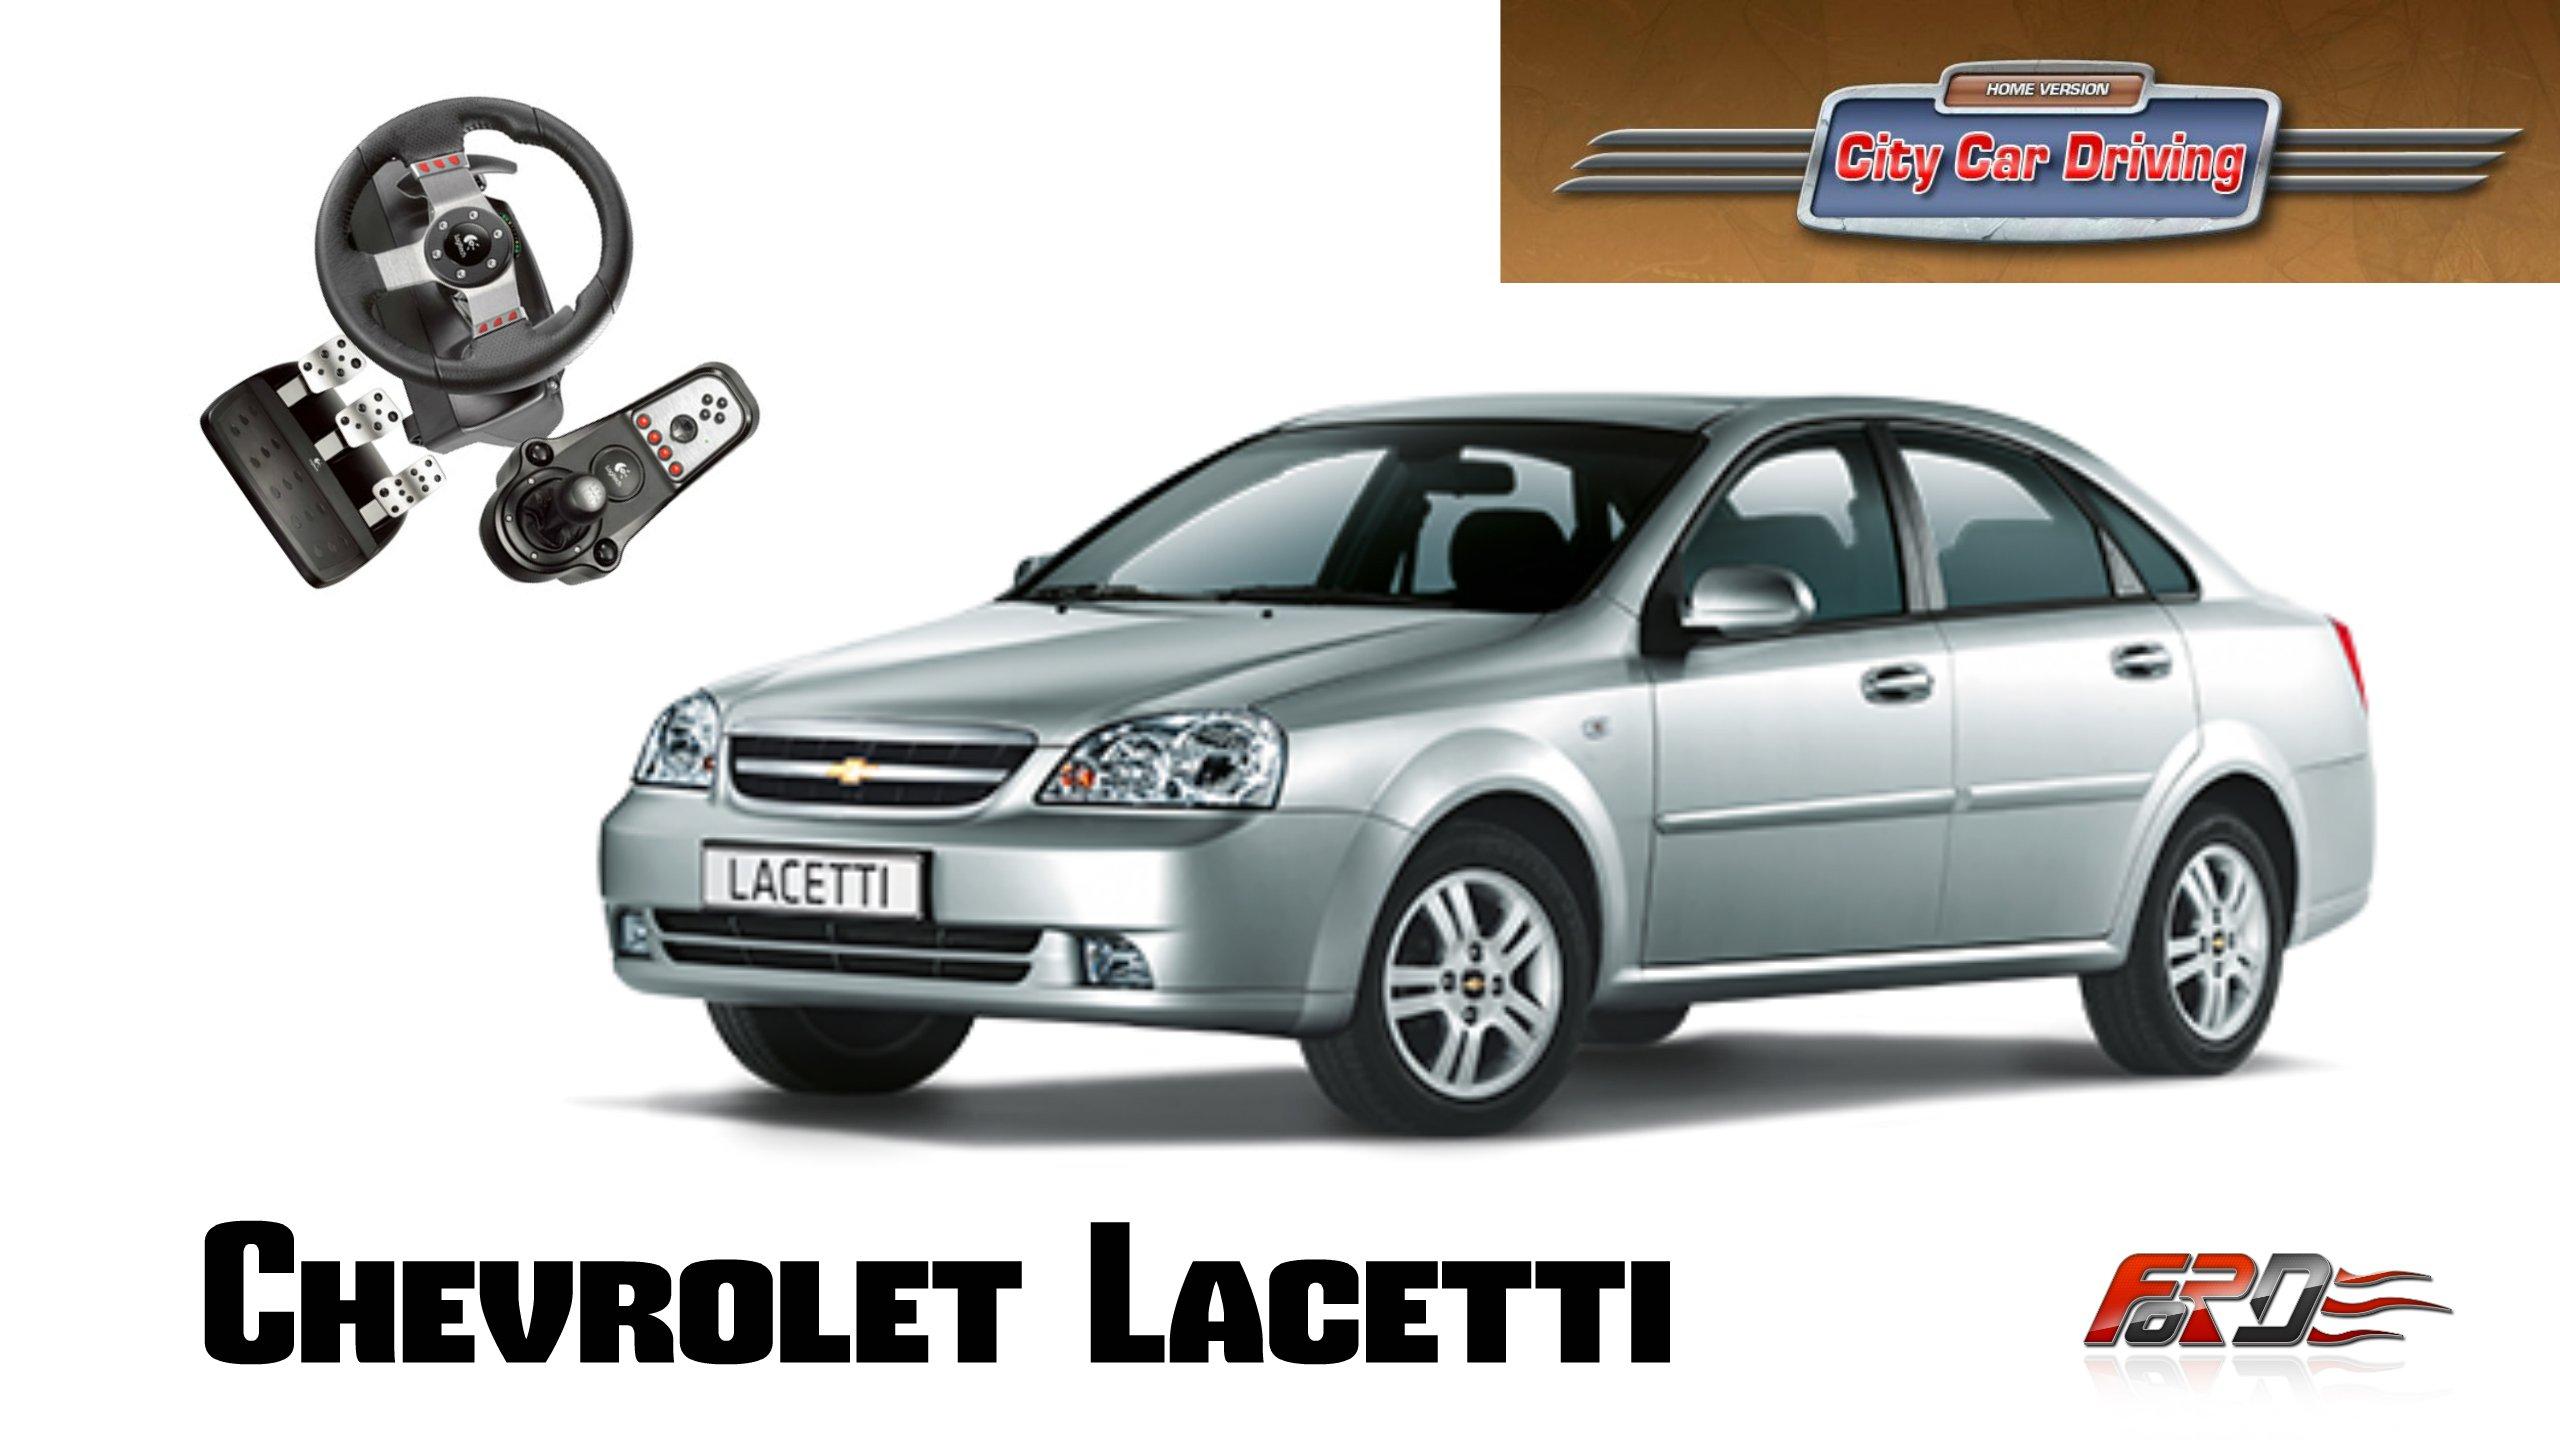 Chevrolet Lacetti тест-драйв, обзор, разгон и динамика зимой в City Car Driving . - Изображение 1